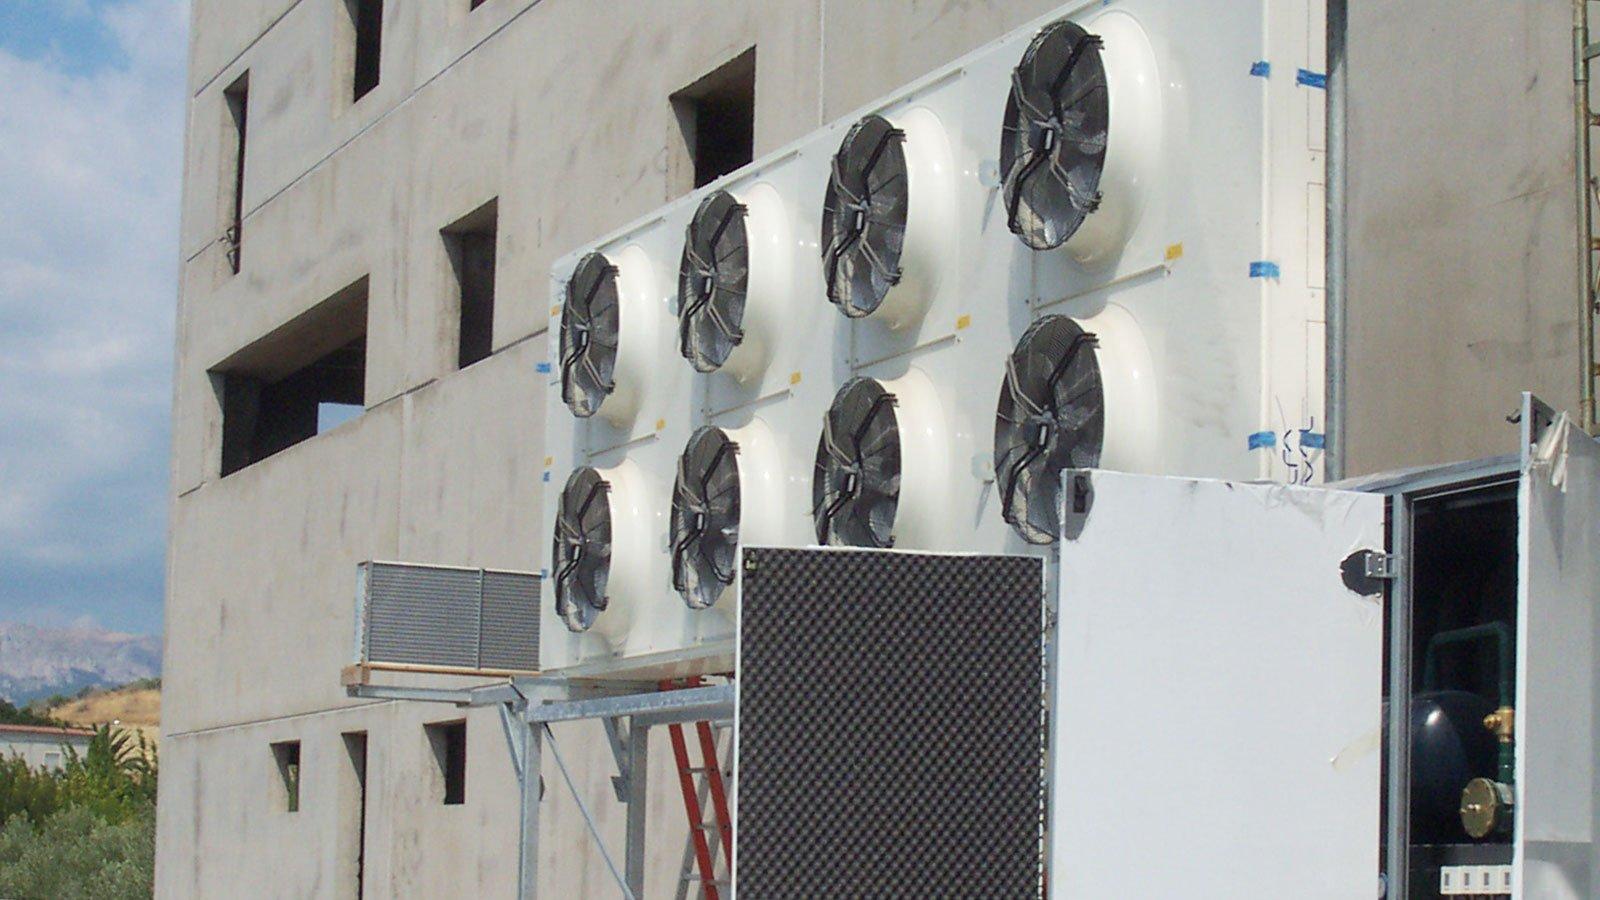 una serie di motori con delle eliche all'esterno di uno stabile in costruzione